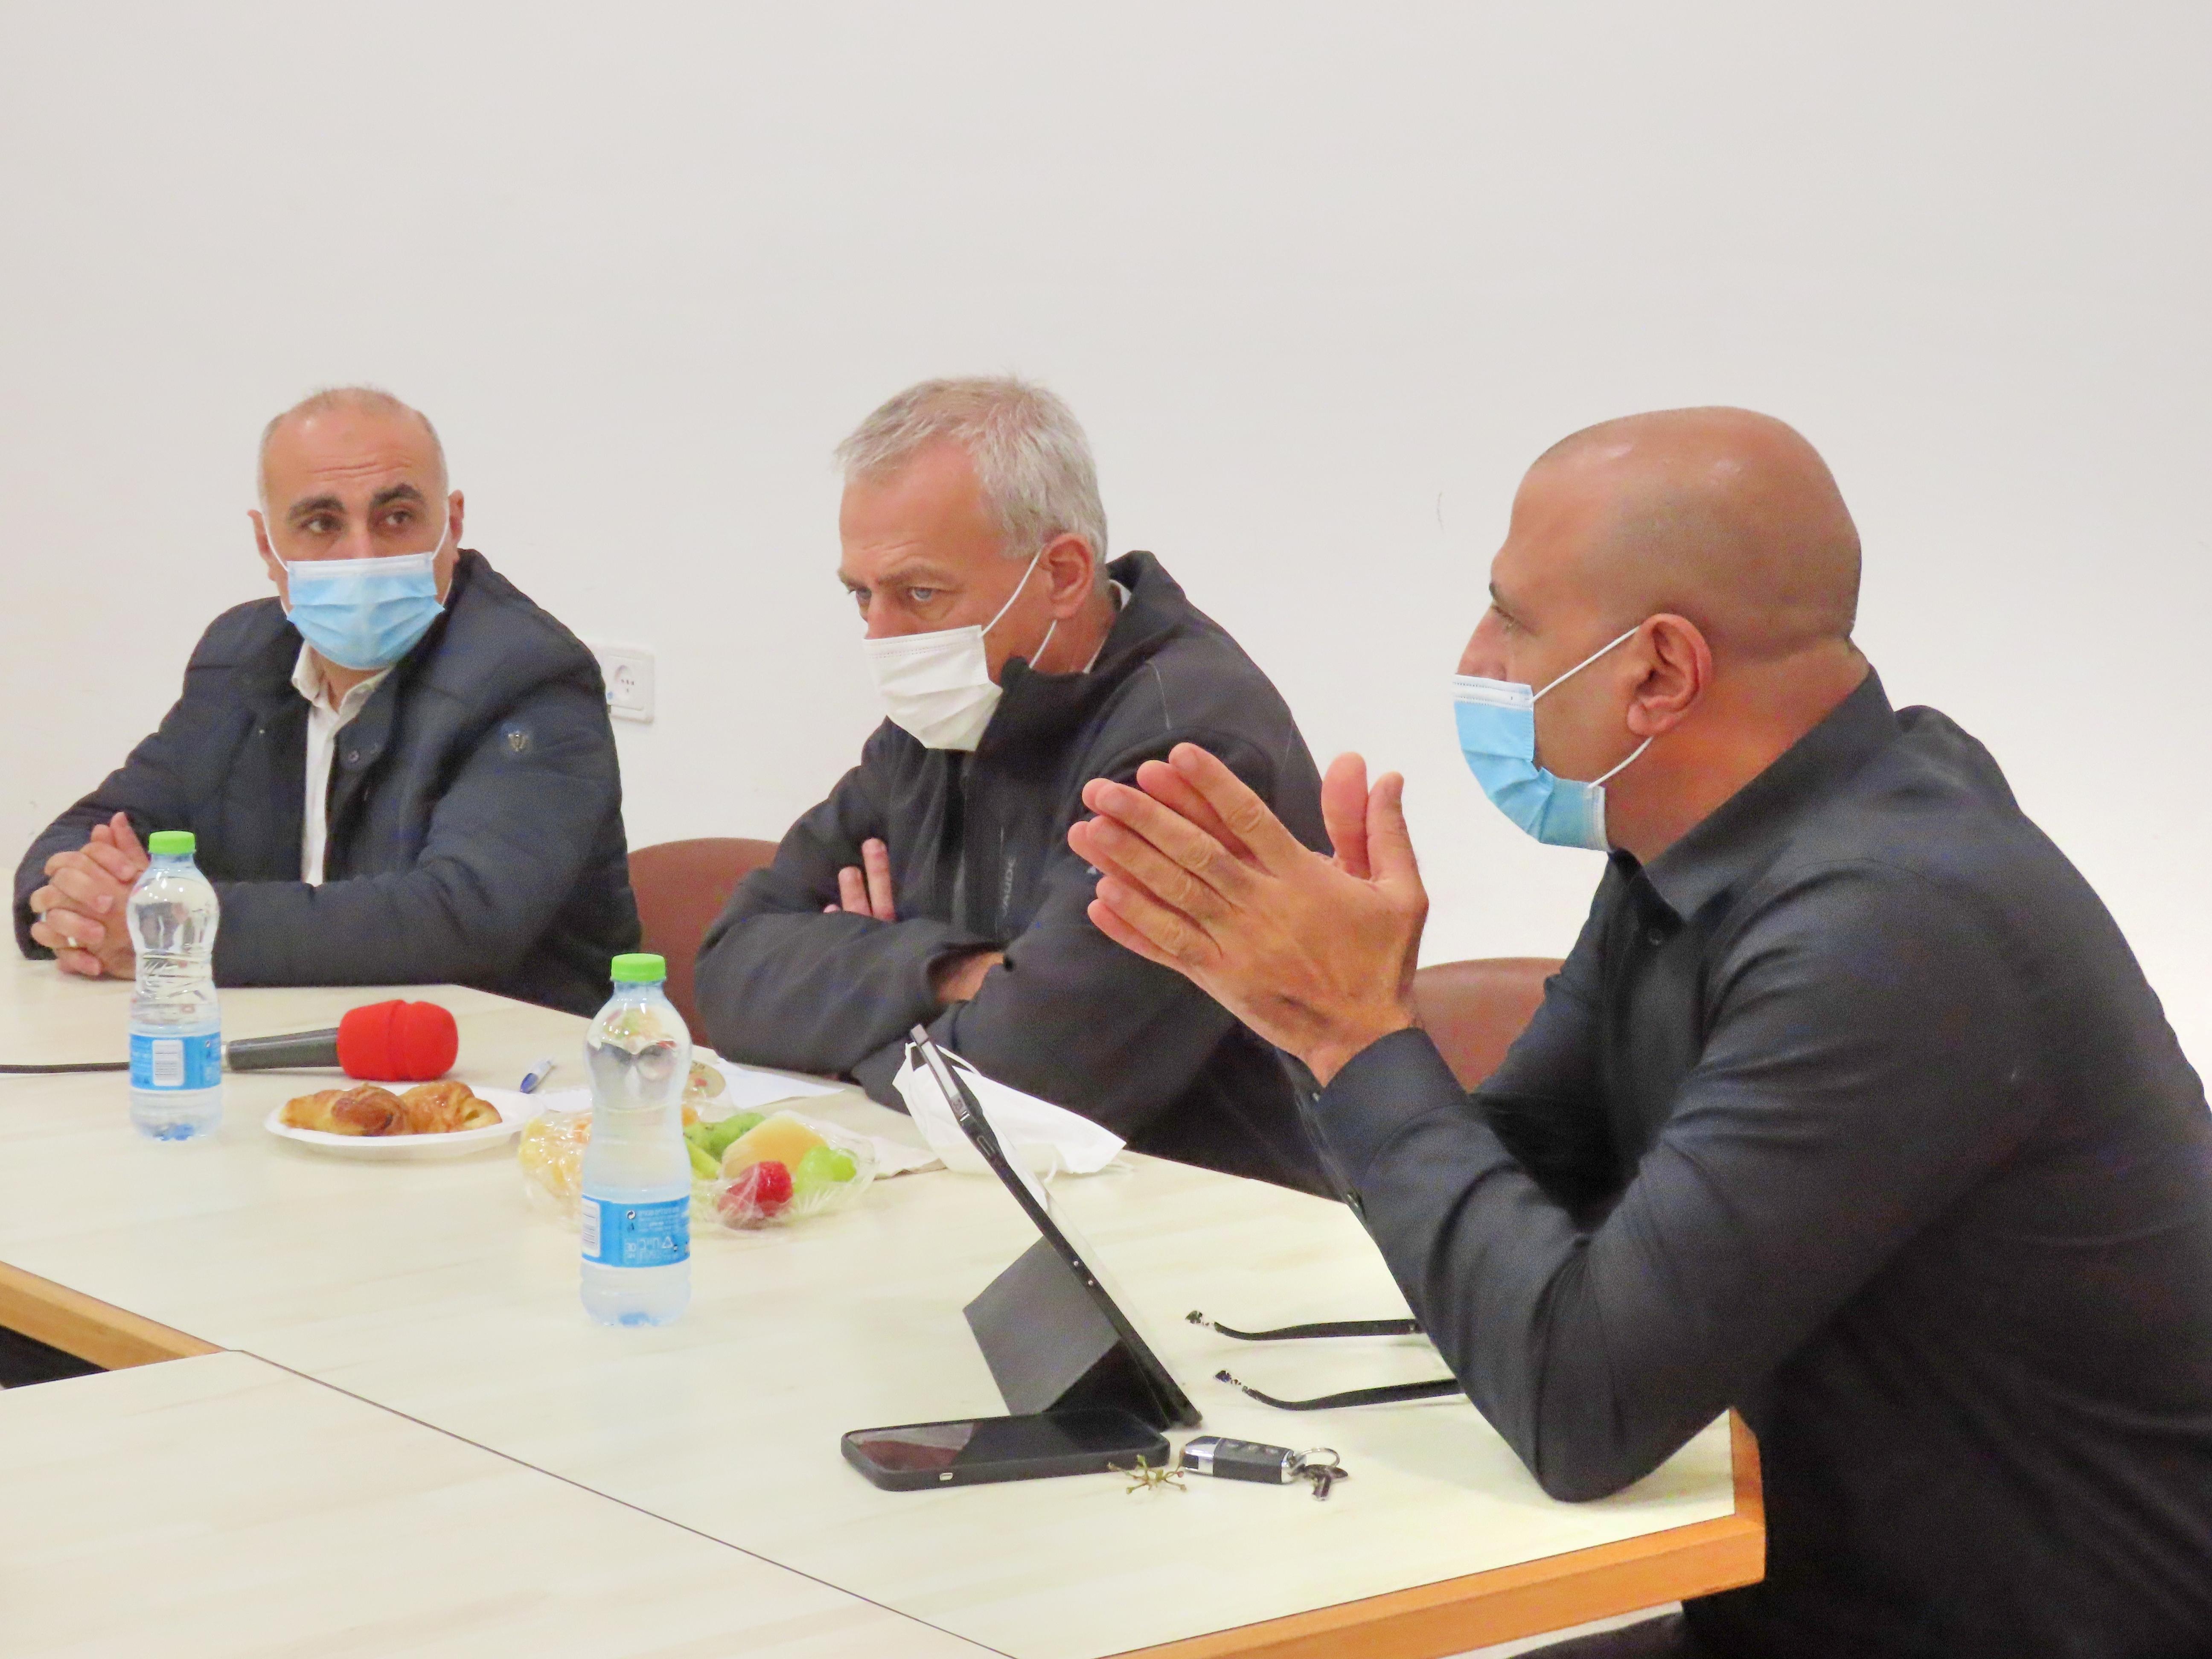 إفتتاح مركز تطعيمات ضد الكورونا في كوكب أبو الهيجاء